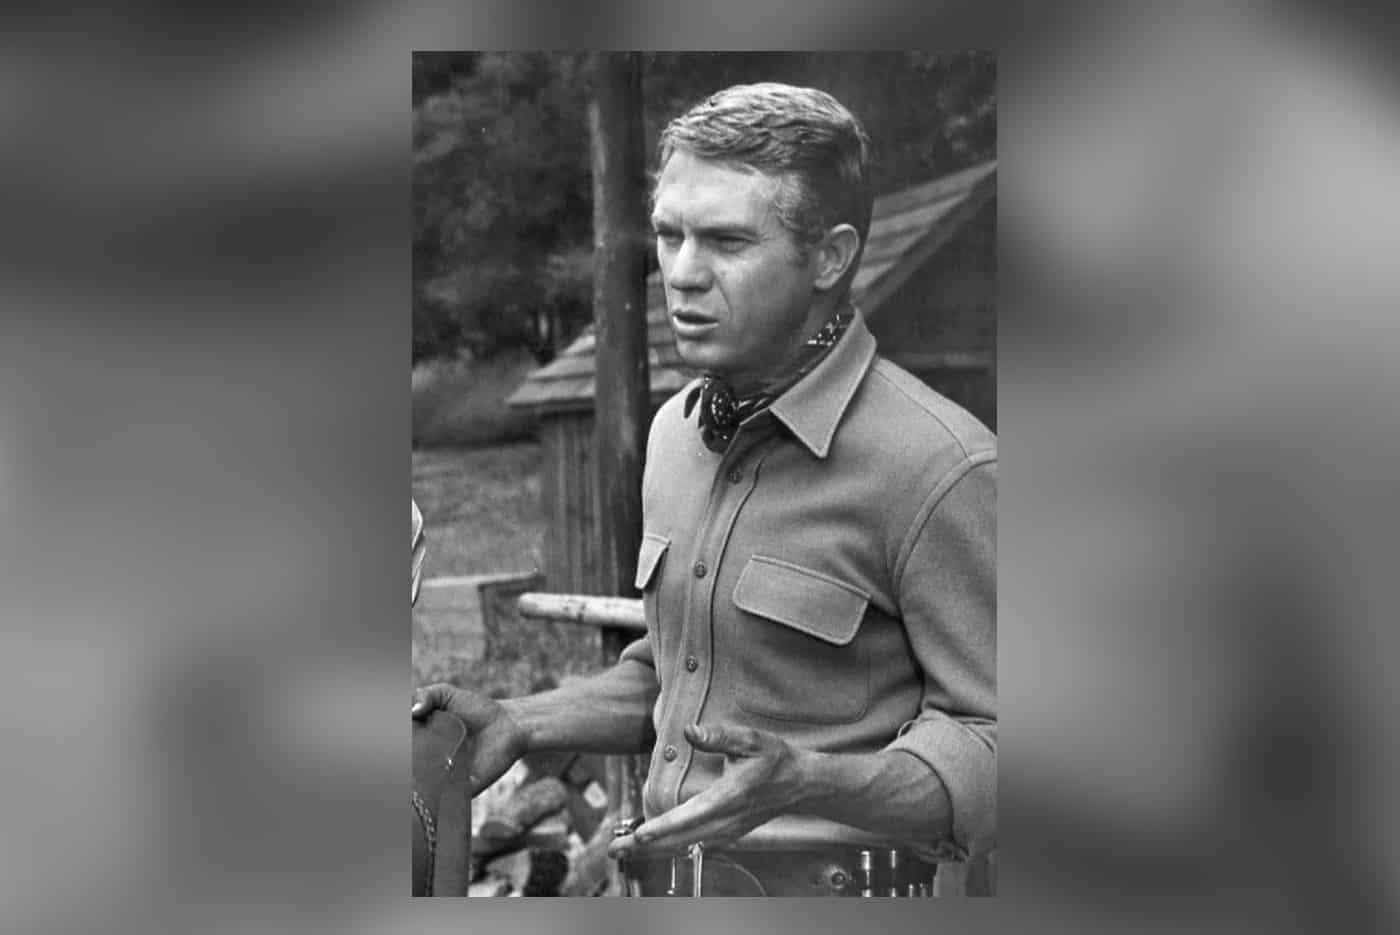 Actor and veteran Steve McQueen